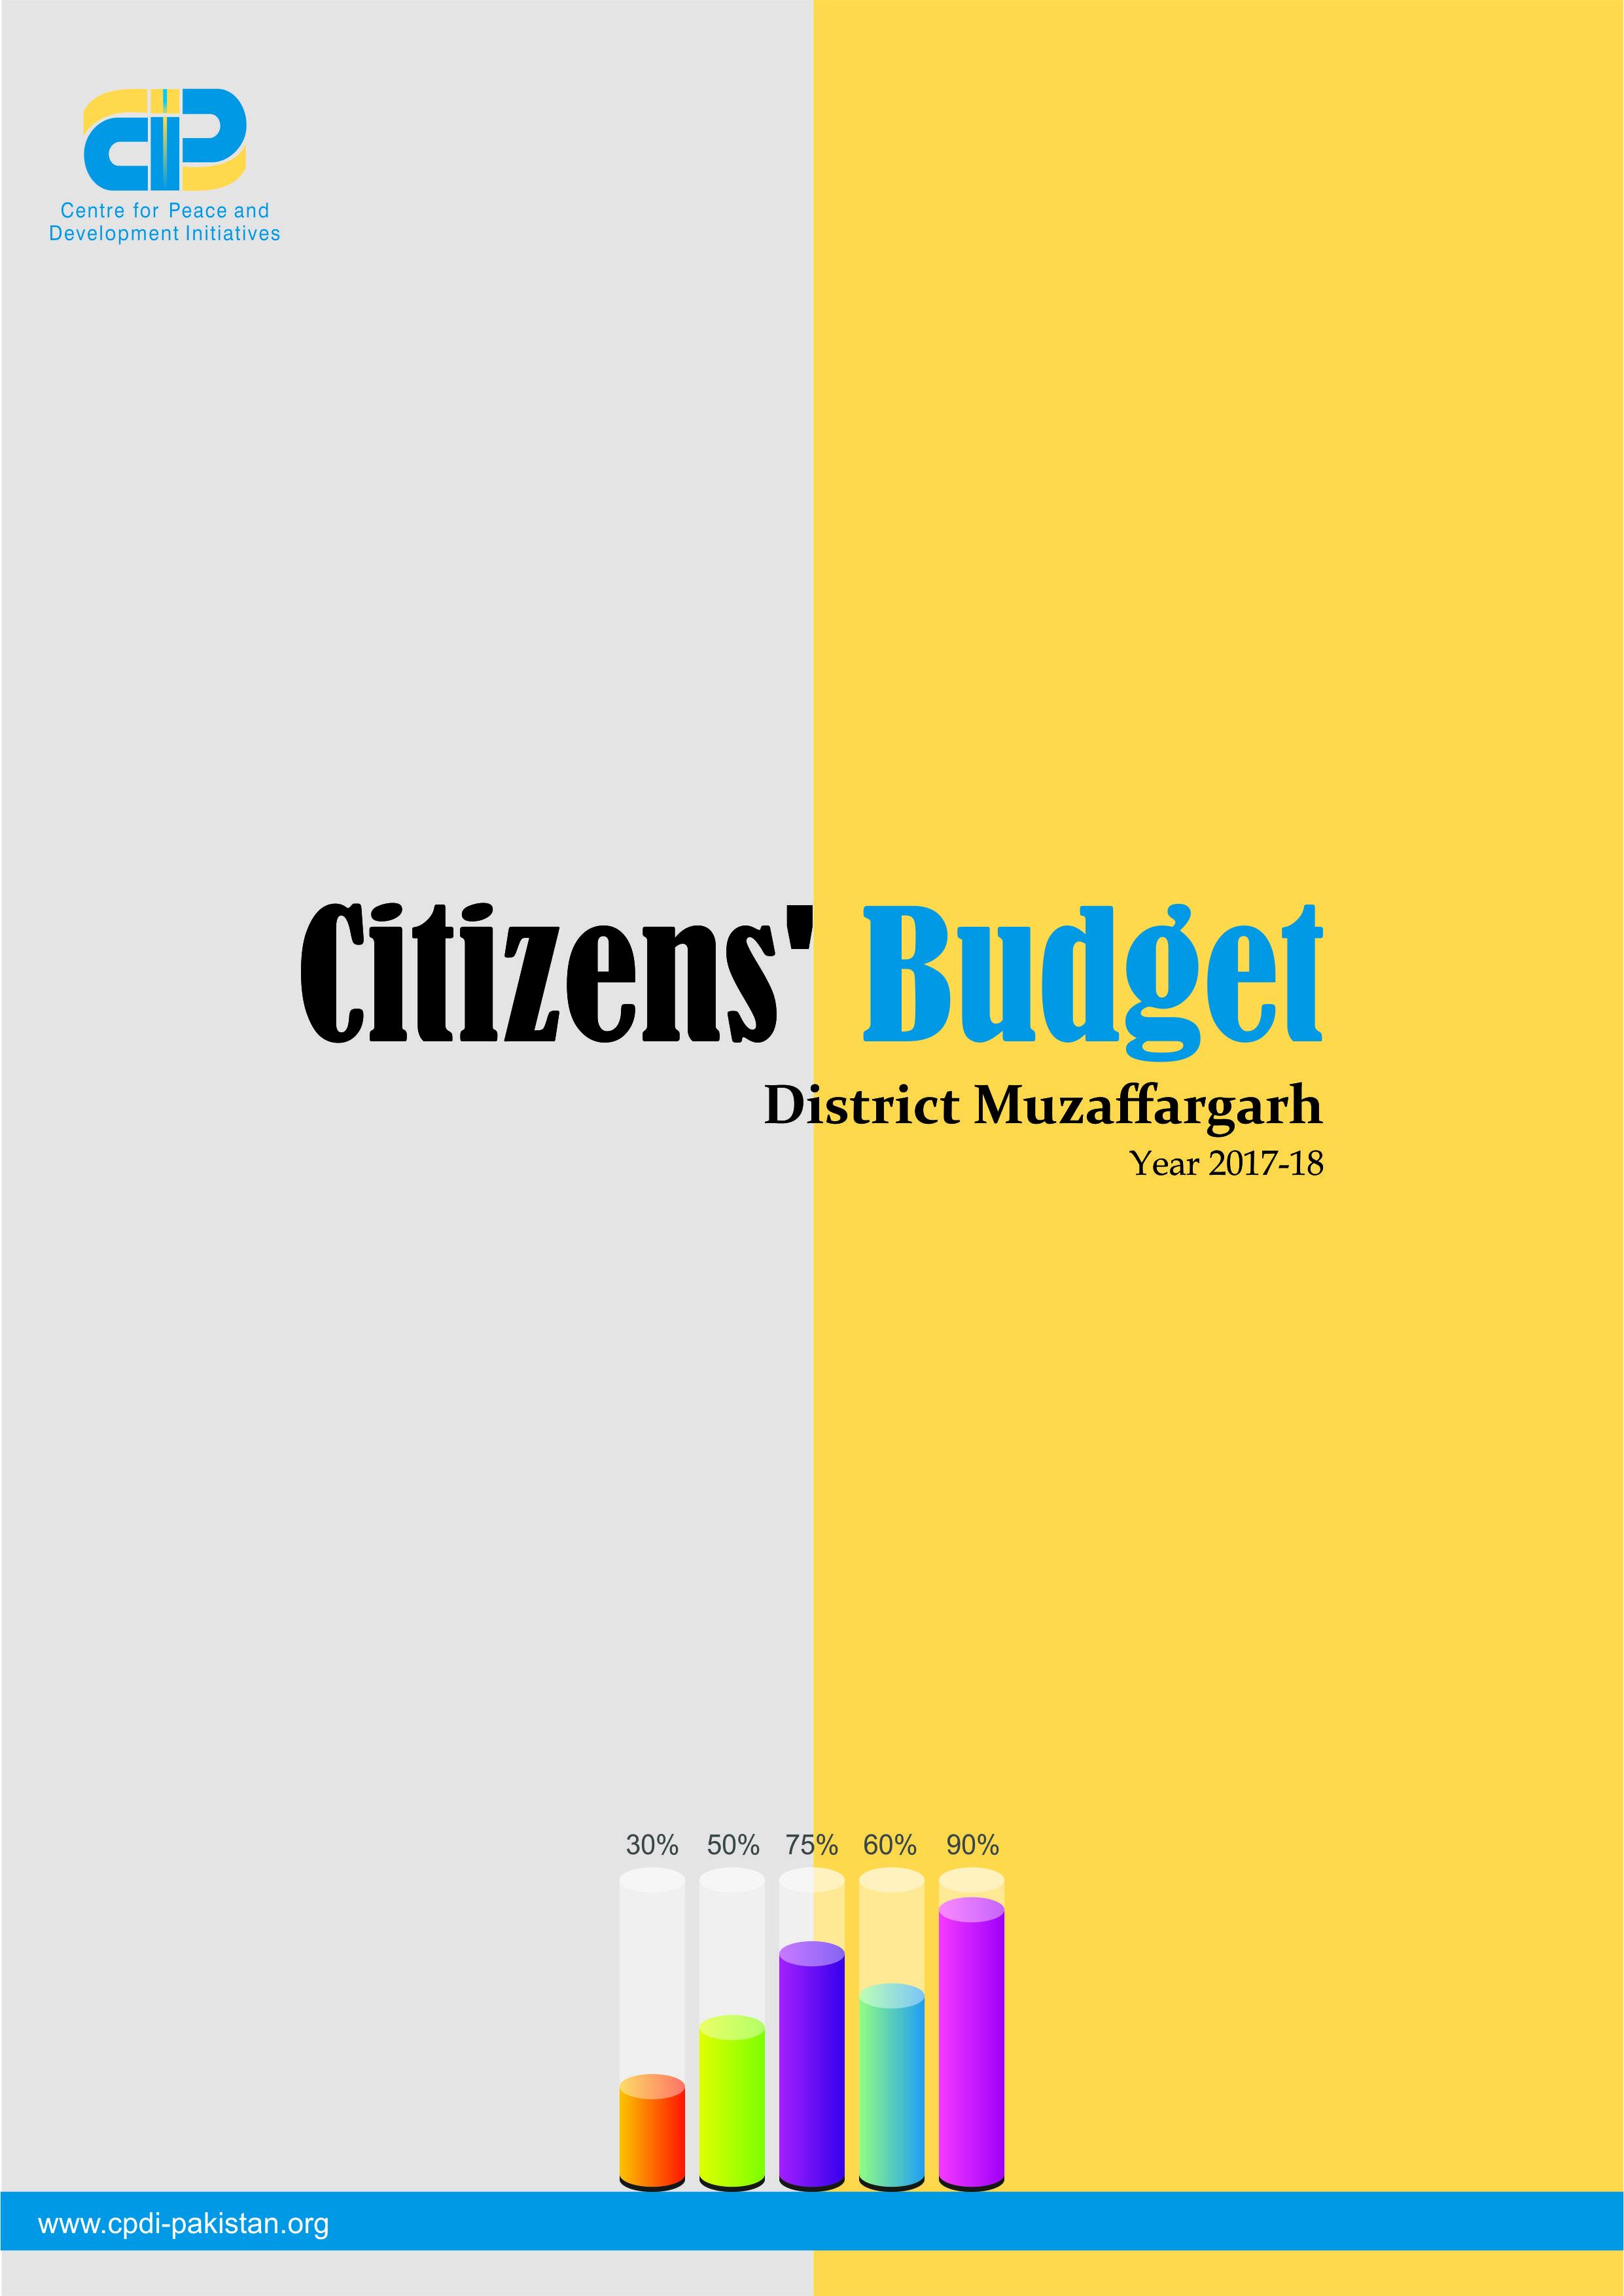 Citizens' Budget District Muzaffargarh Year 2017-18